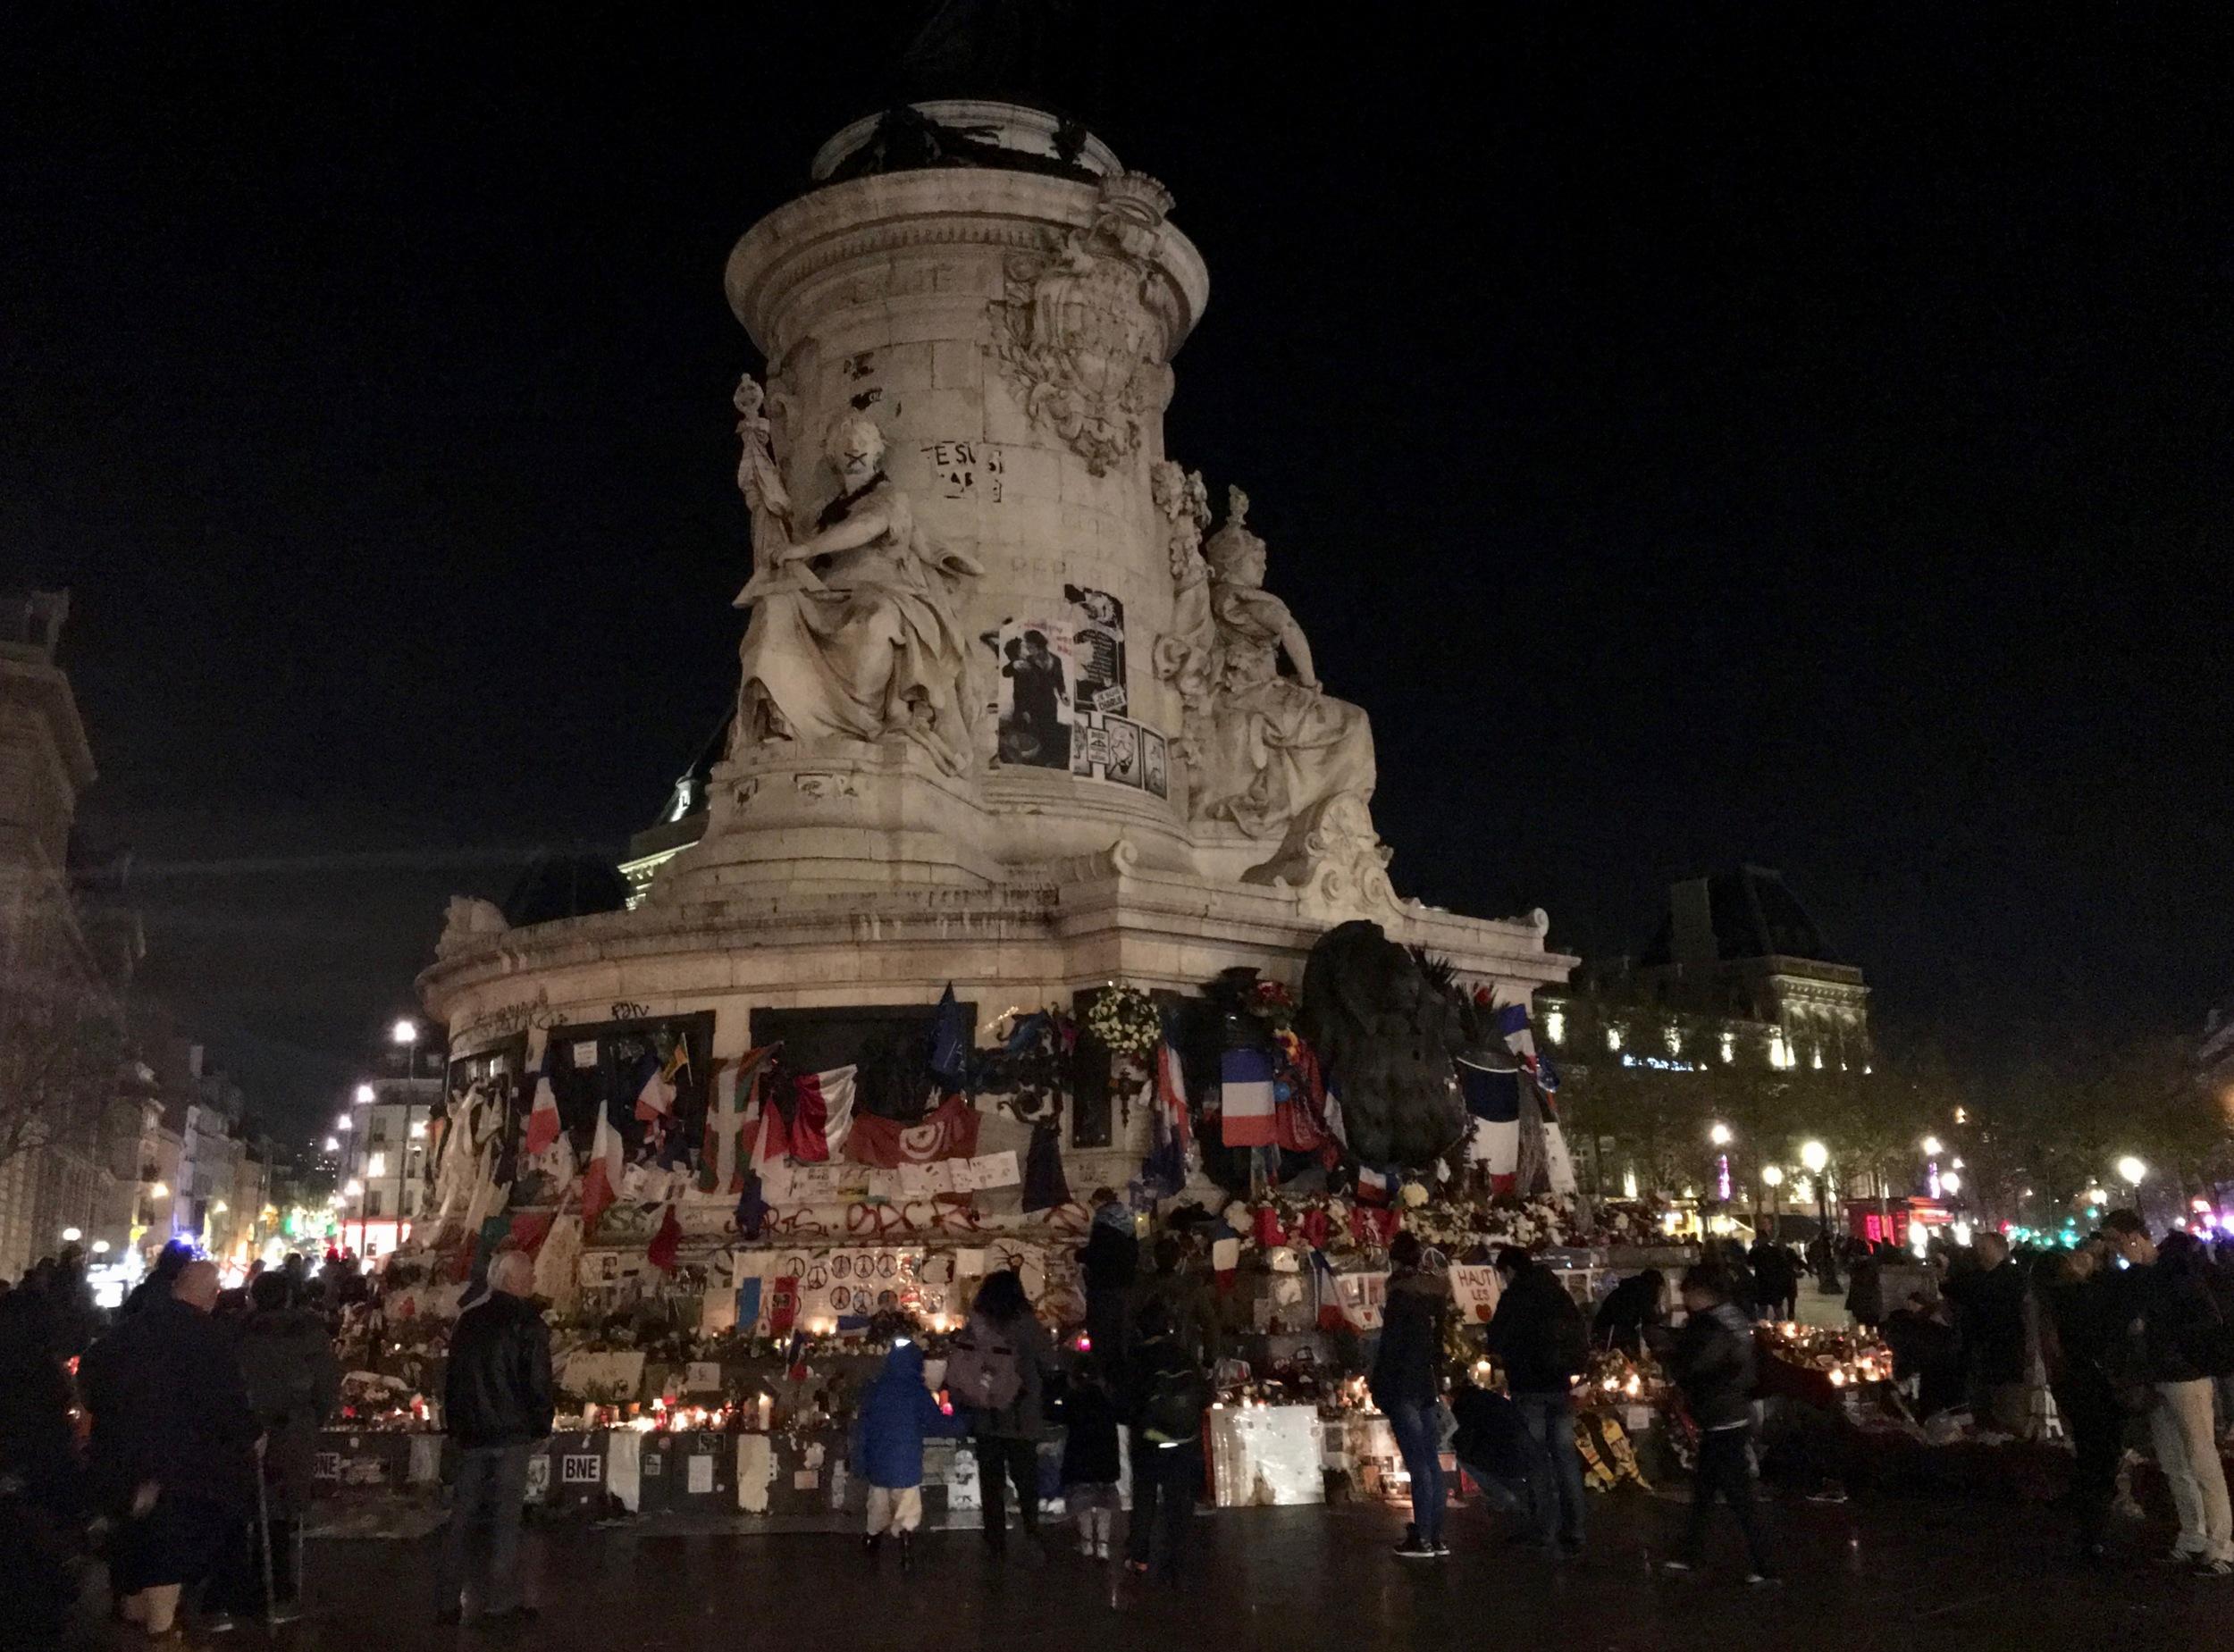 December, 3, 2015, Place de la Rebublique